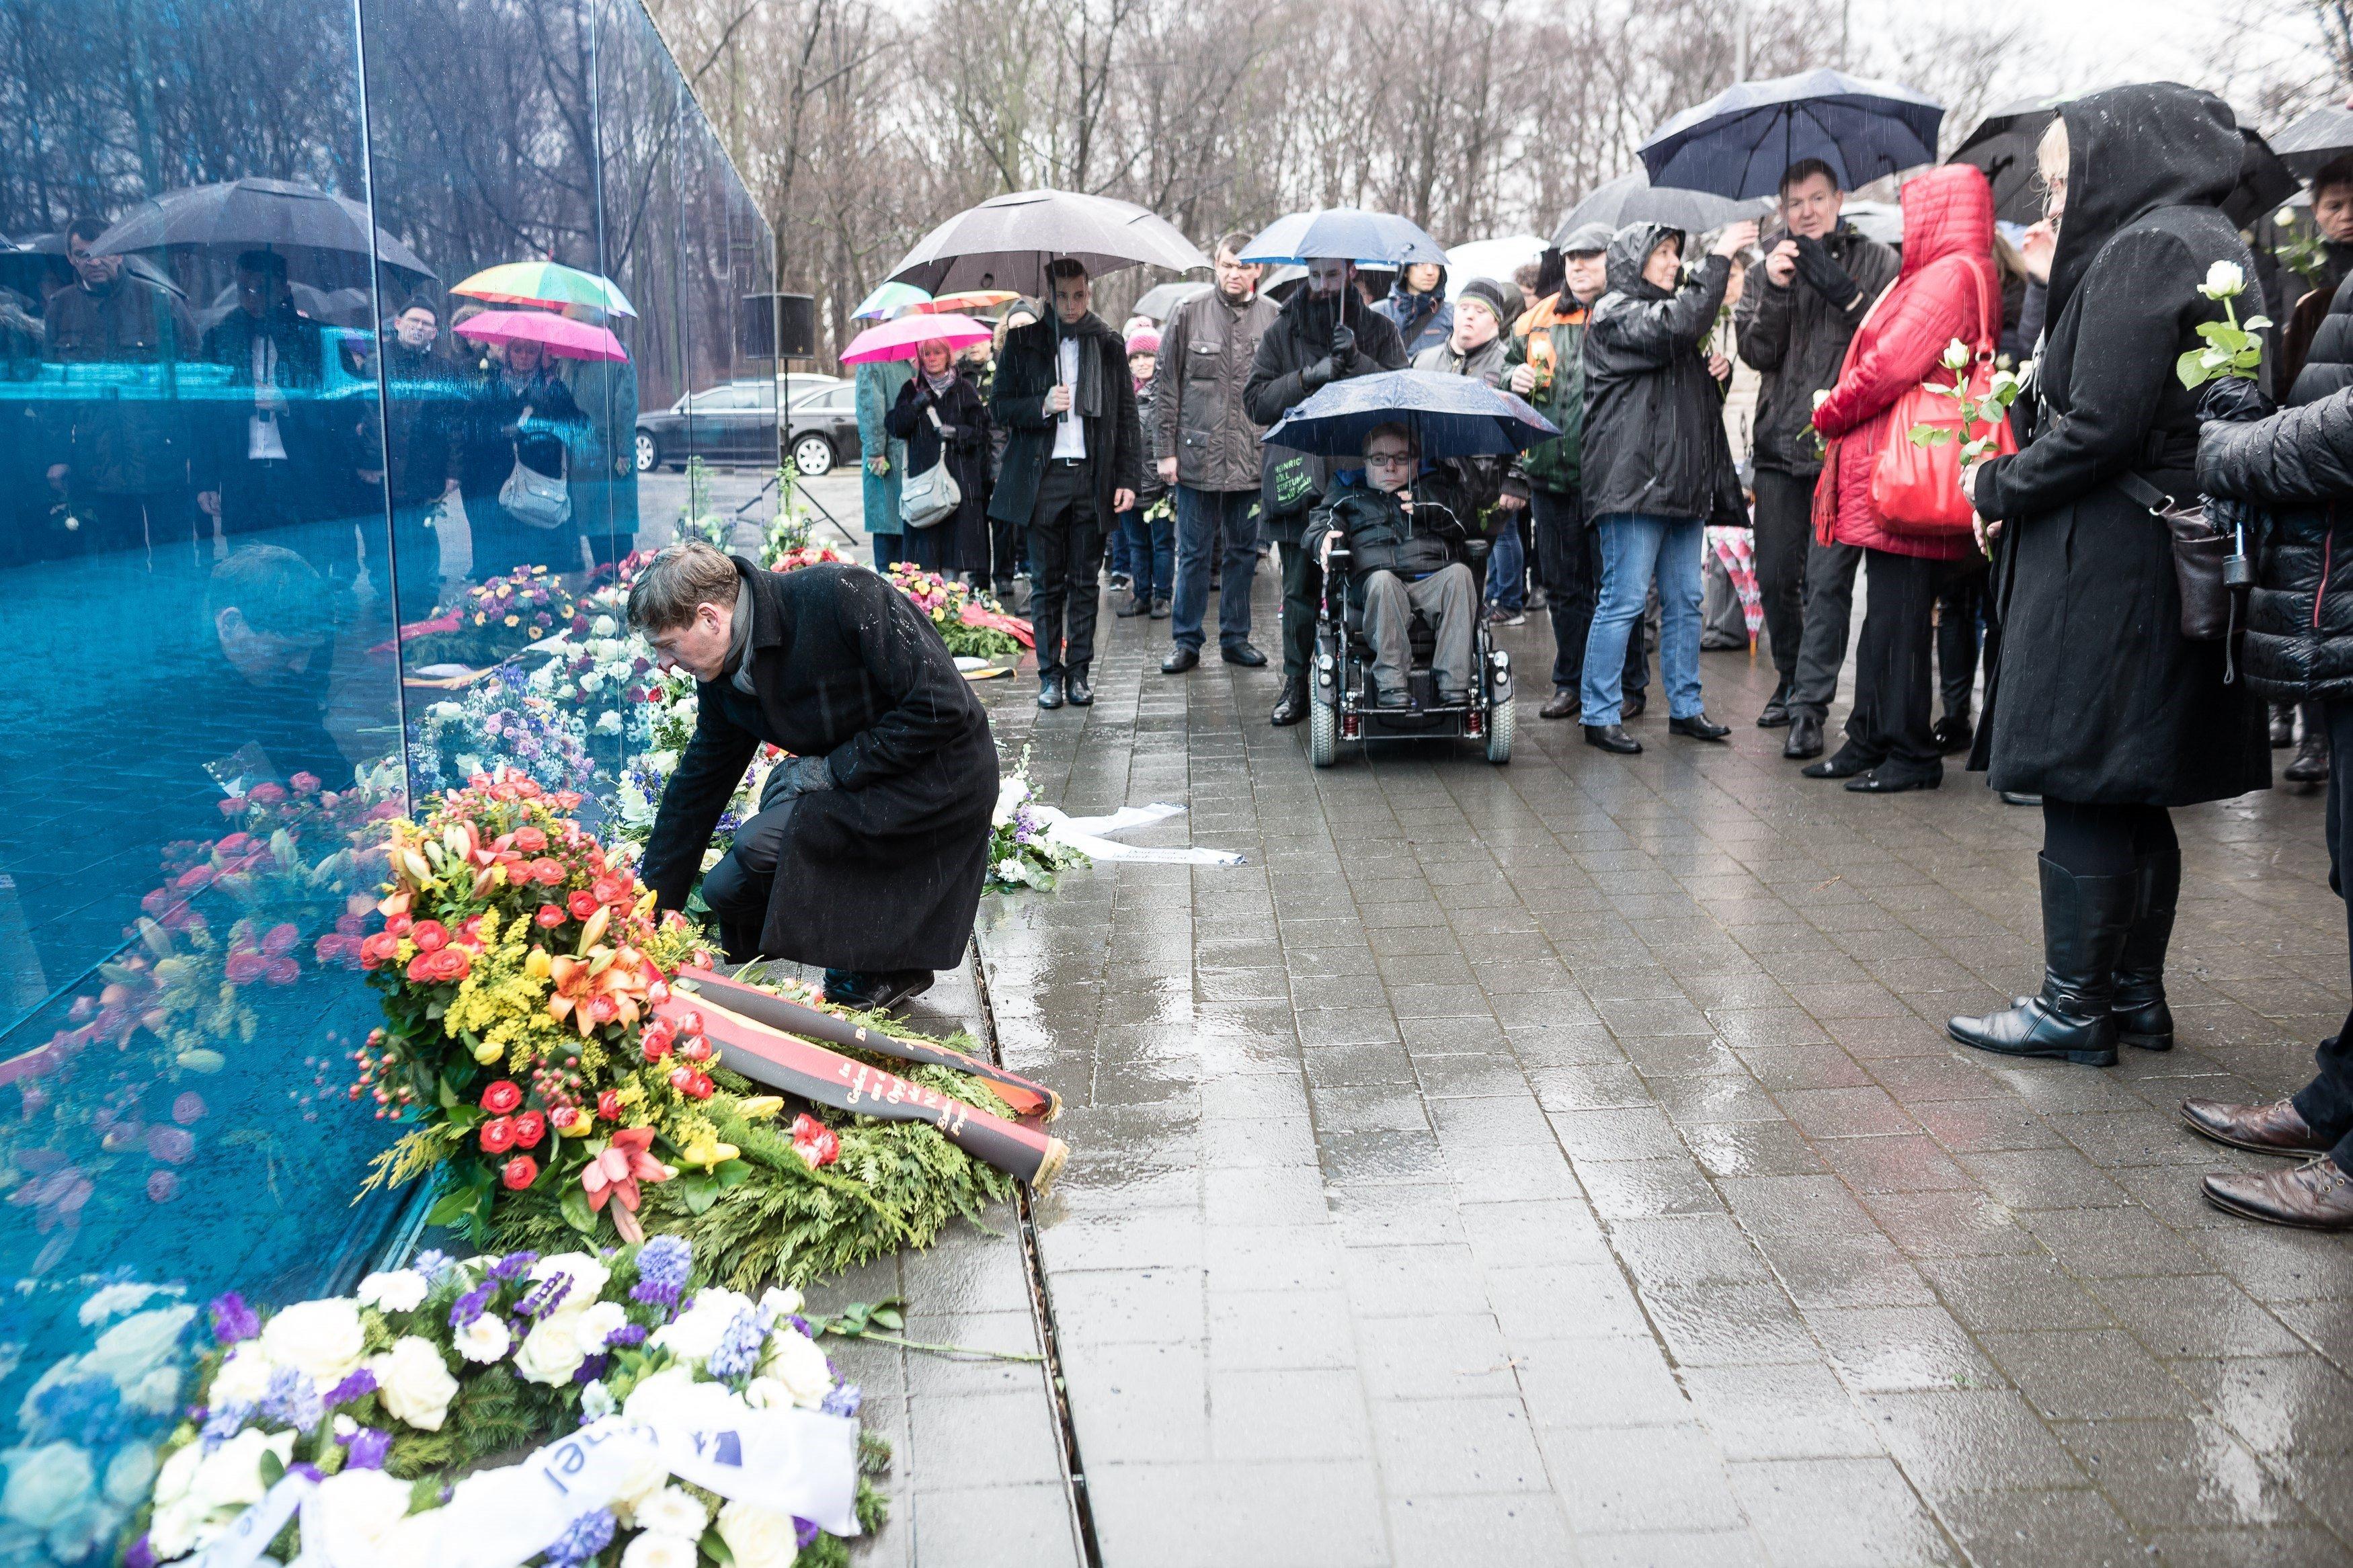 Jornada de commemoració de les víctimes de l'Holocaust, a Berlín, Alemanya. /TILL RIMMELE